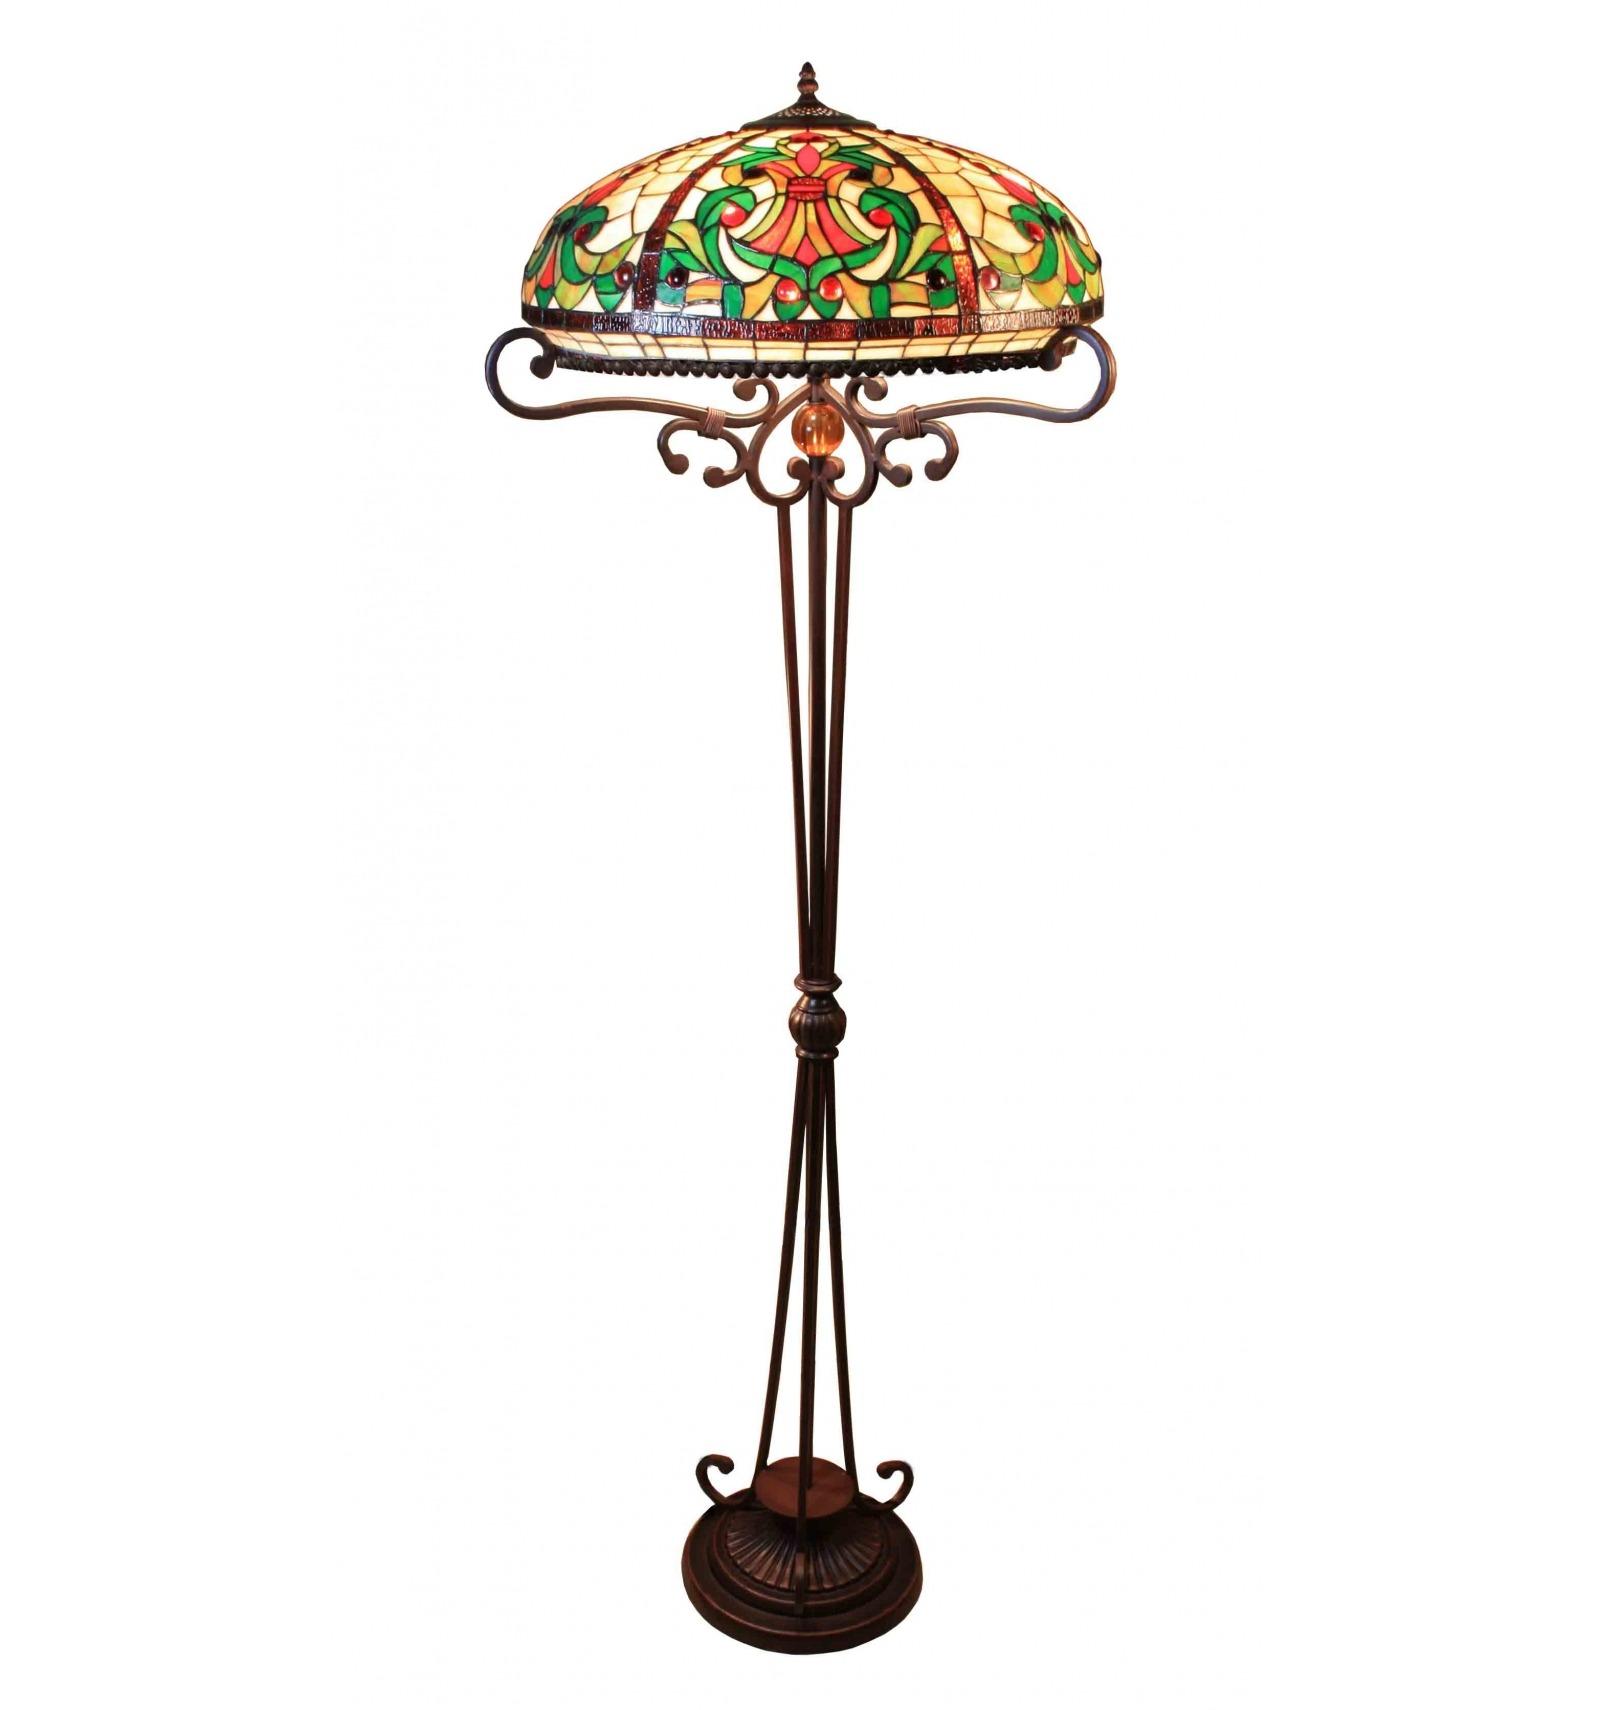 lampadari indiani : Aggiungi alla mia lista dei desideri: ? Create wishlist first Product ...